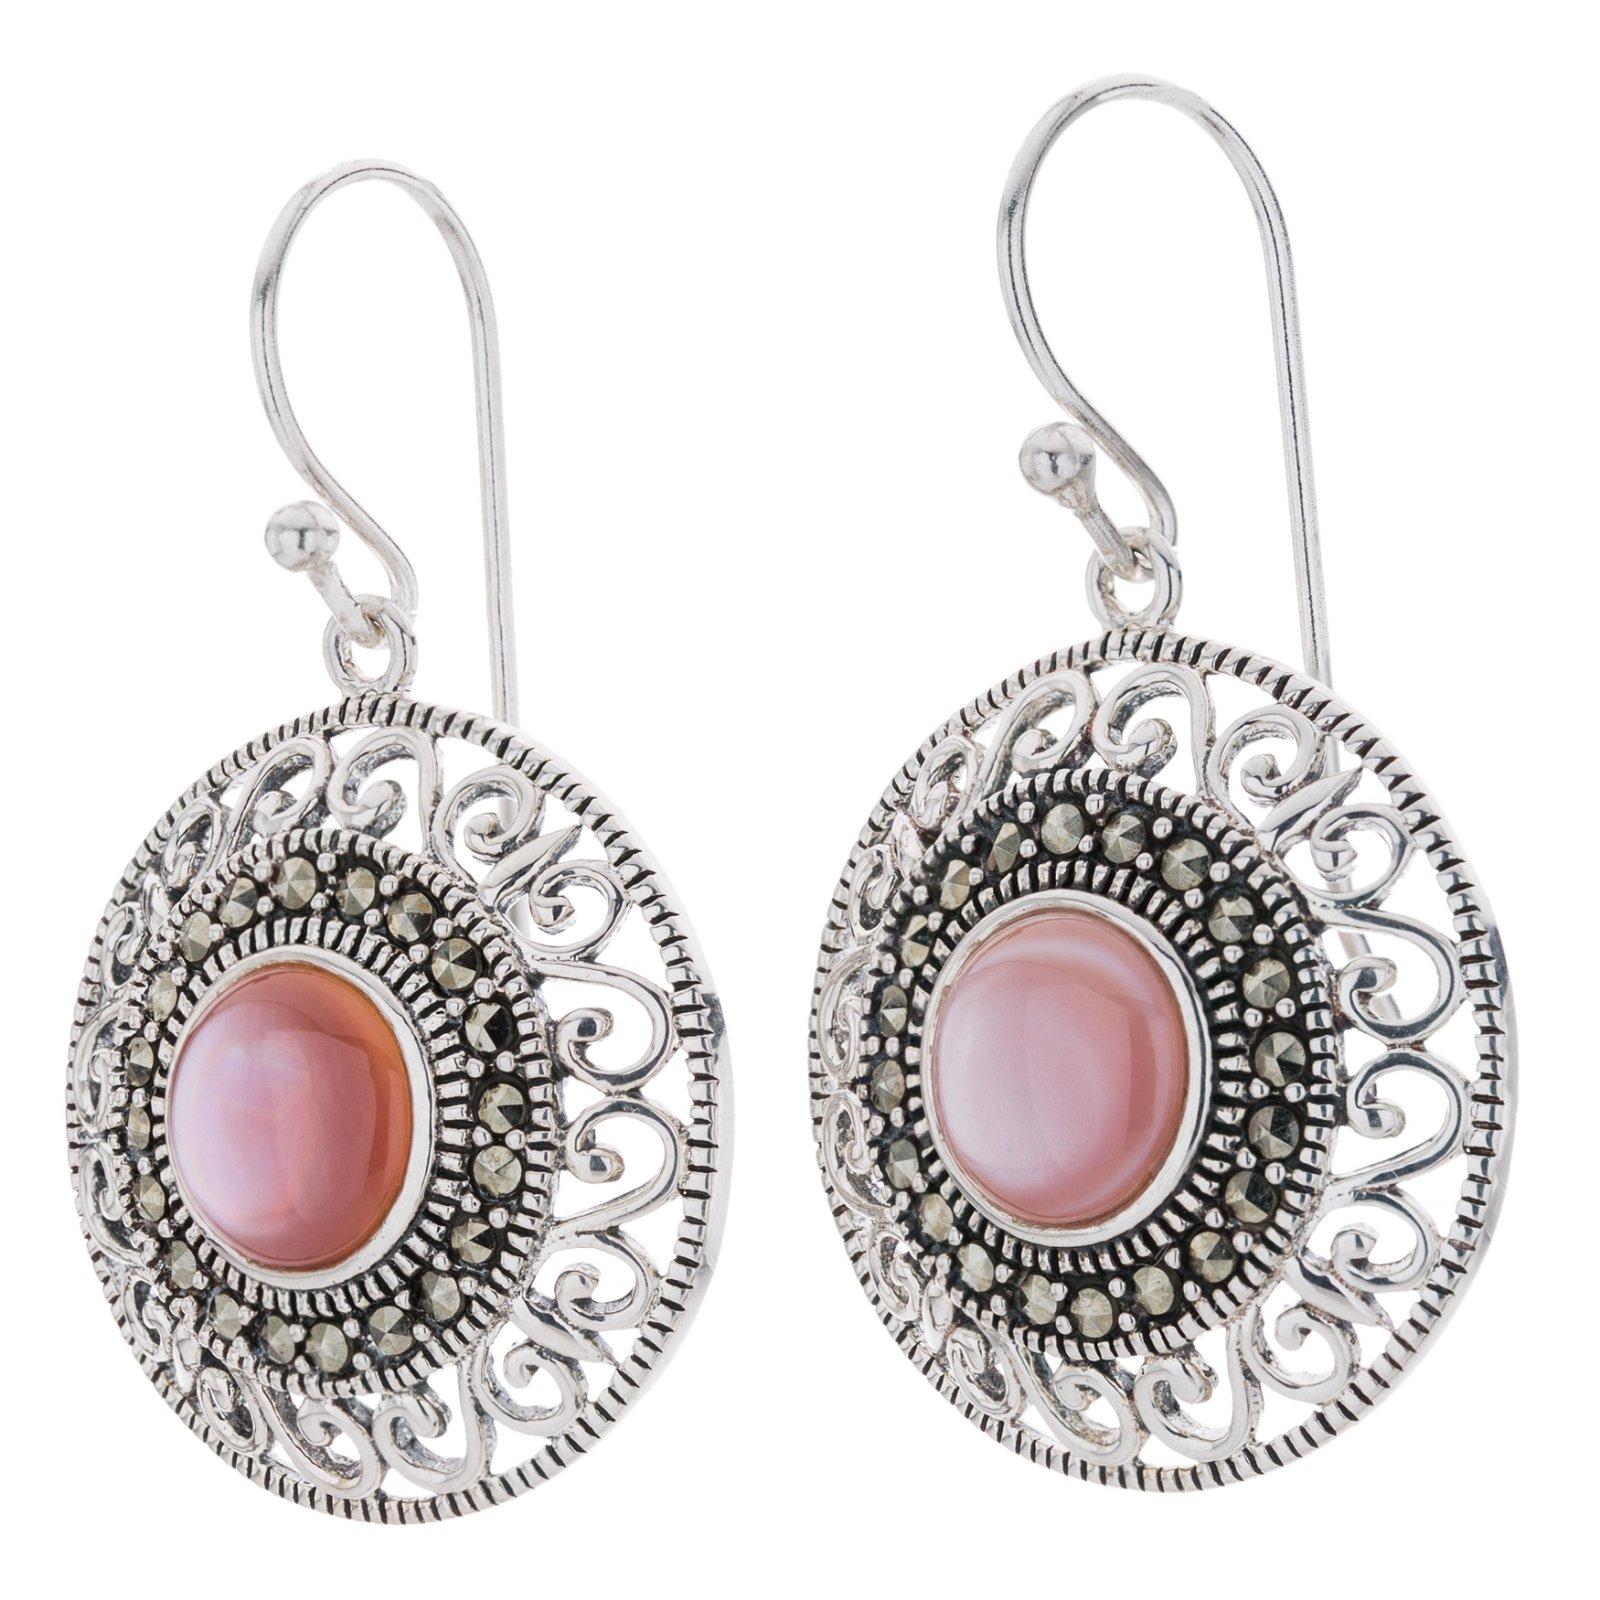 Silver Pink MOP & Marcasite Dangle Earrings